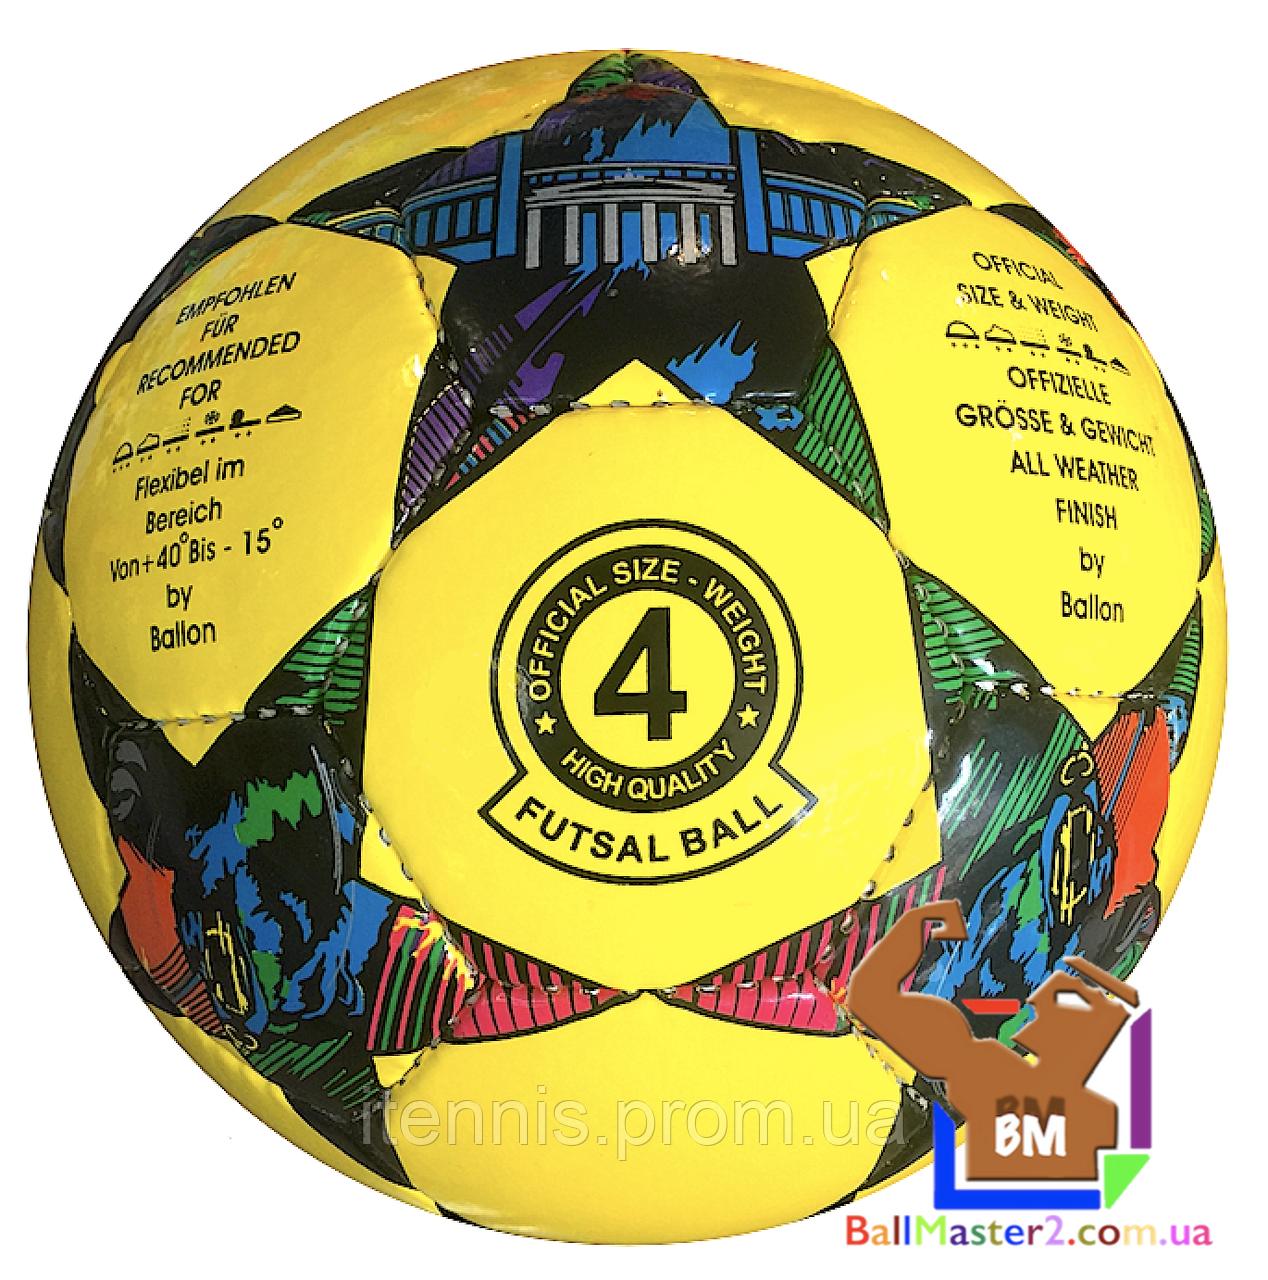 Футзальный мяч Сhampions league №4 (FB-4659) NEW!